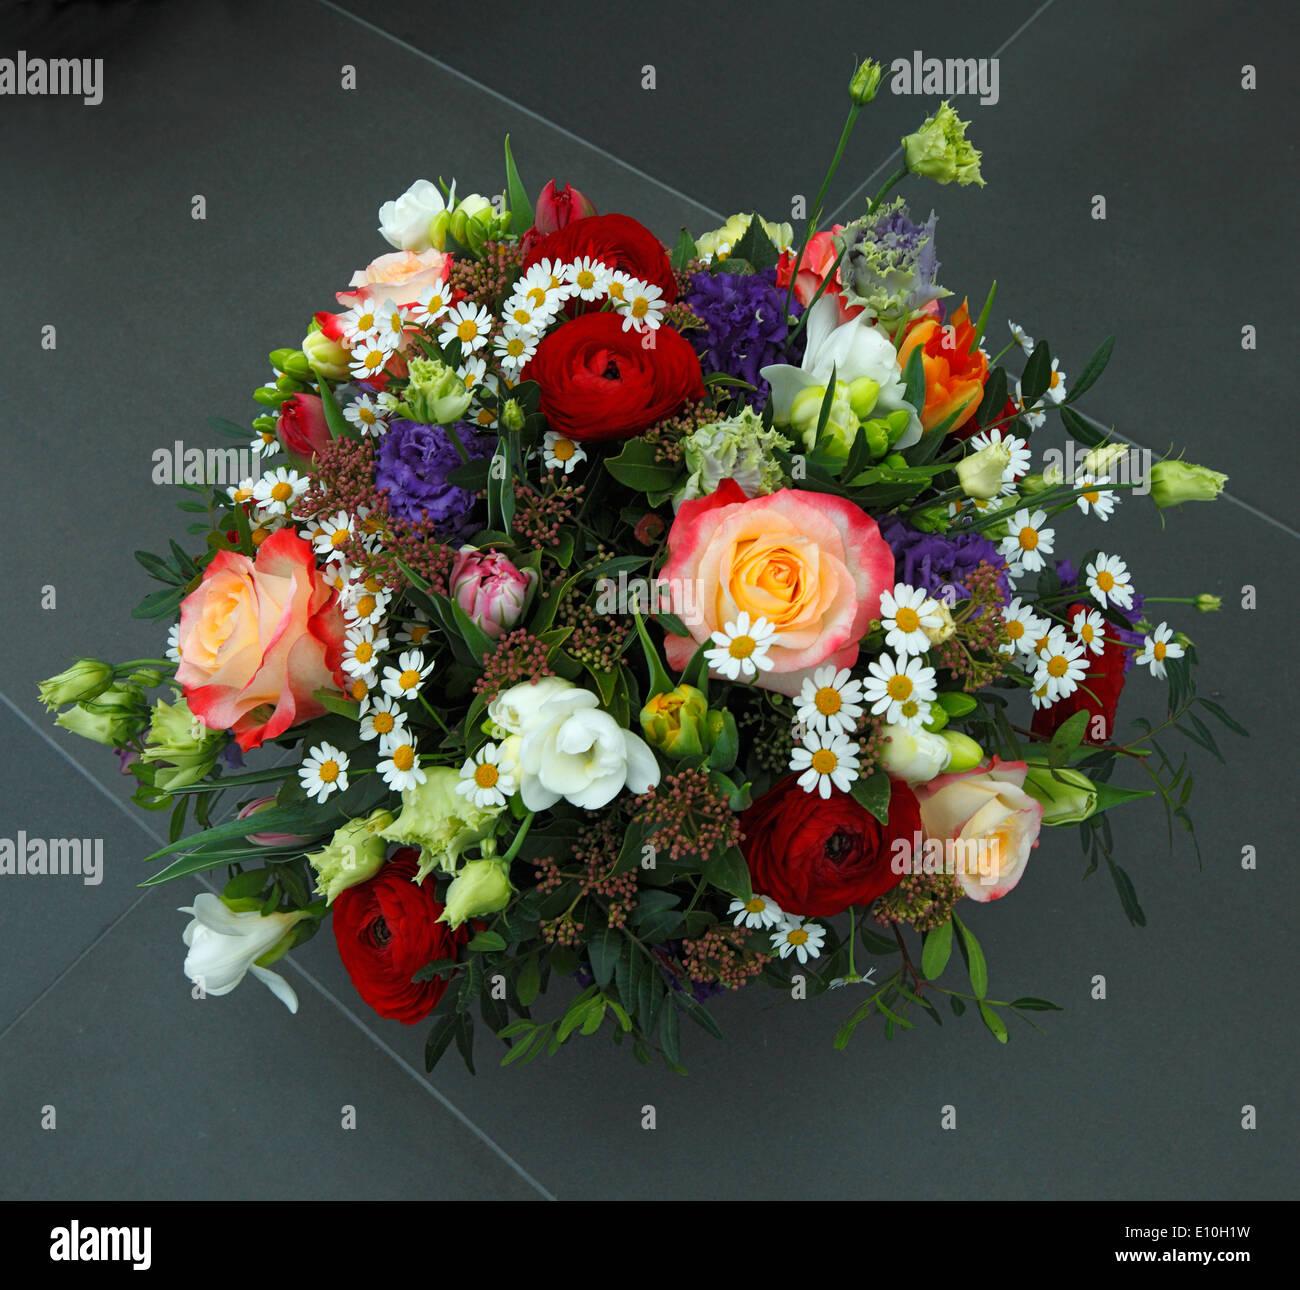 Natur Pflanzen Blumen Haufen Von Blumen Geburtstag Blumenstrauss